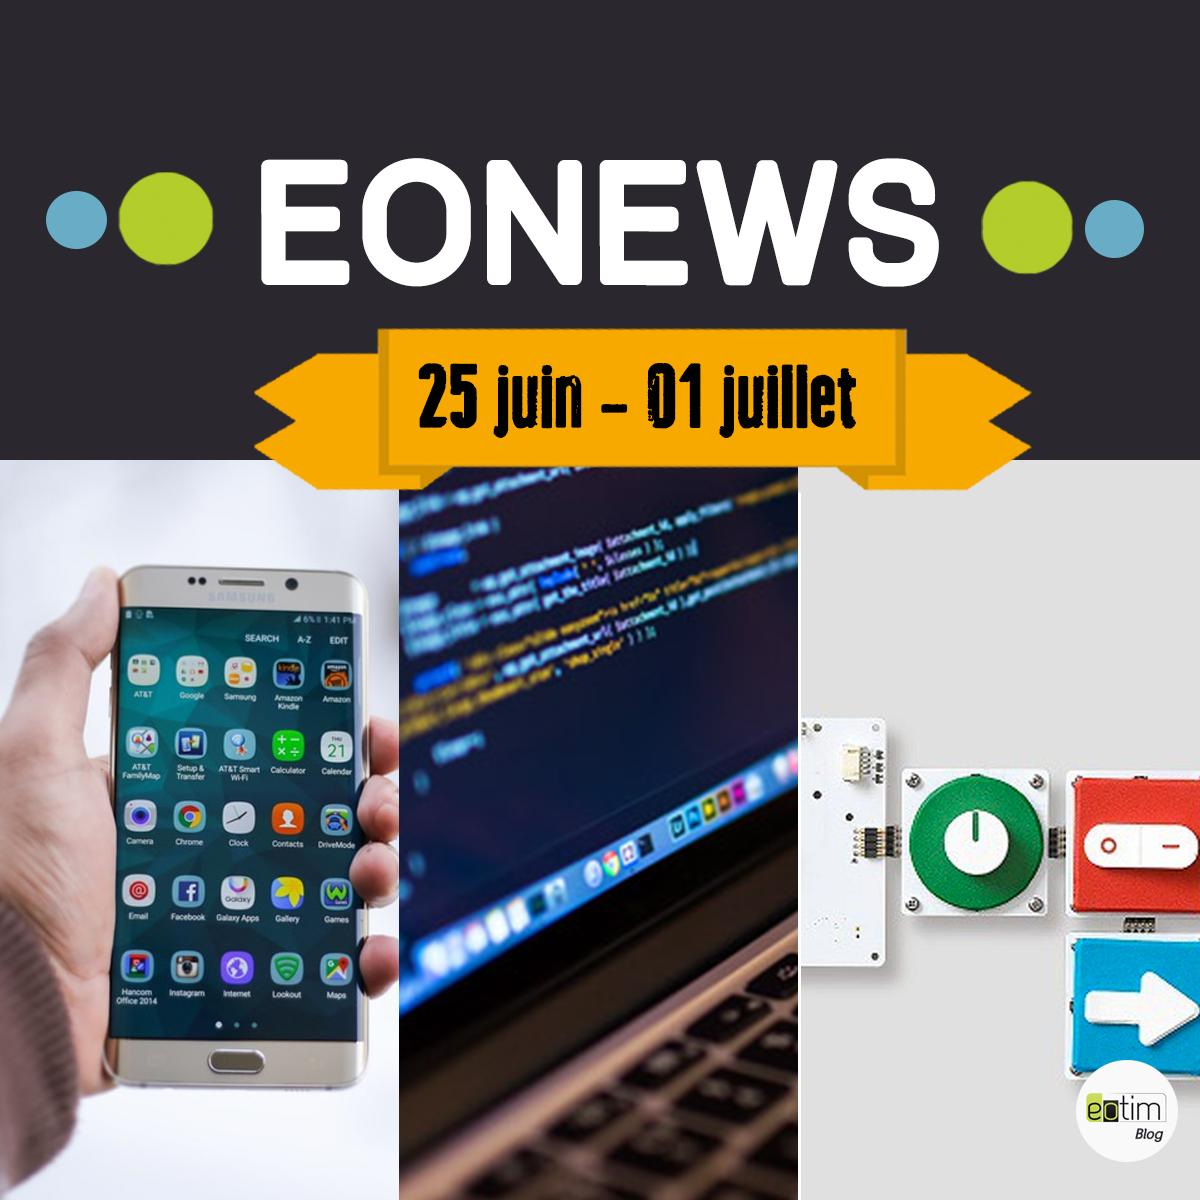 Eonews : l'essentiel de la semaine (25 juin - 1er juillet)